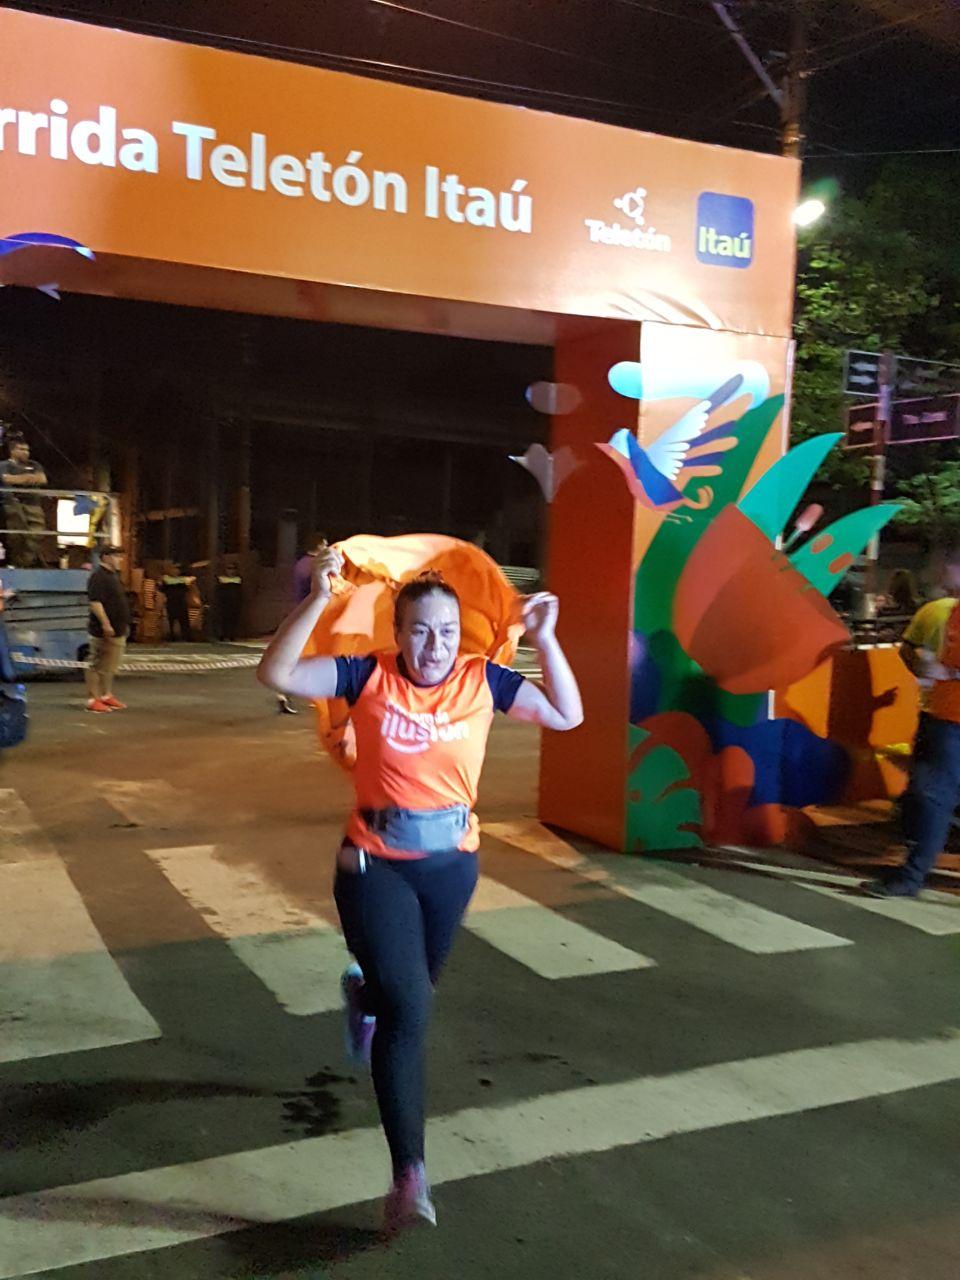 Itaú Teletón 2017